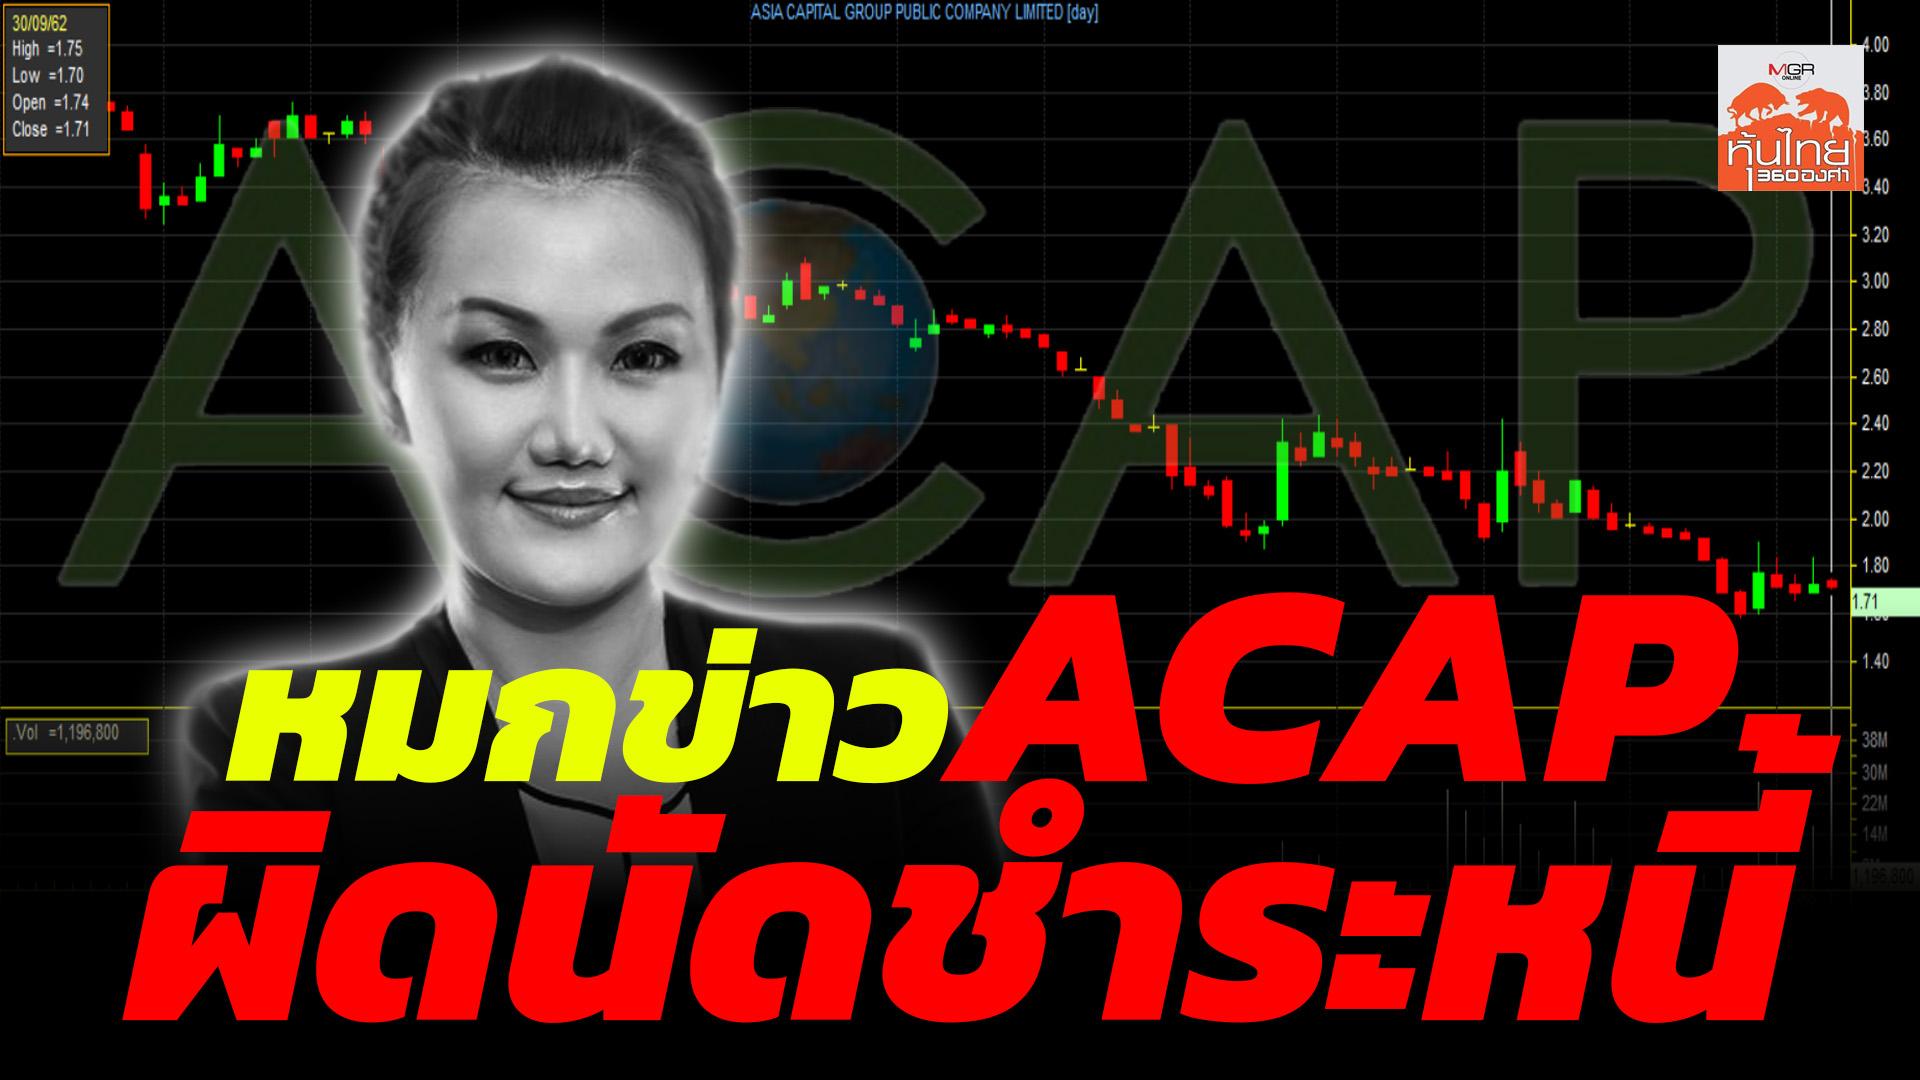 หมกข่าว ACAP ผิดนัดชำระหนี้ / สุนันท์ ศรีจันทรา